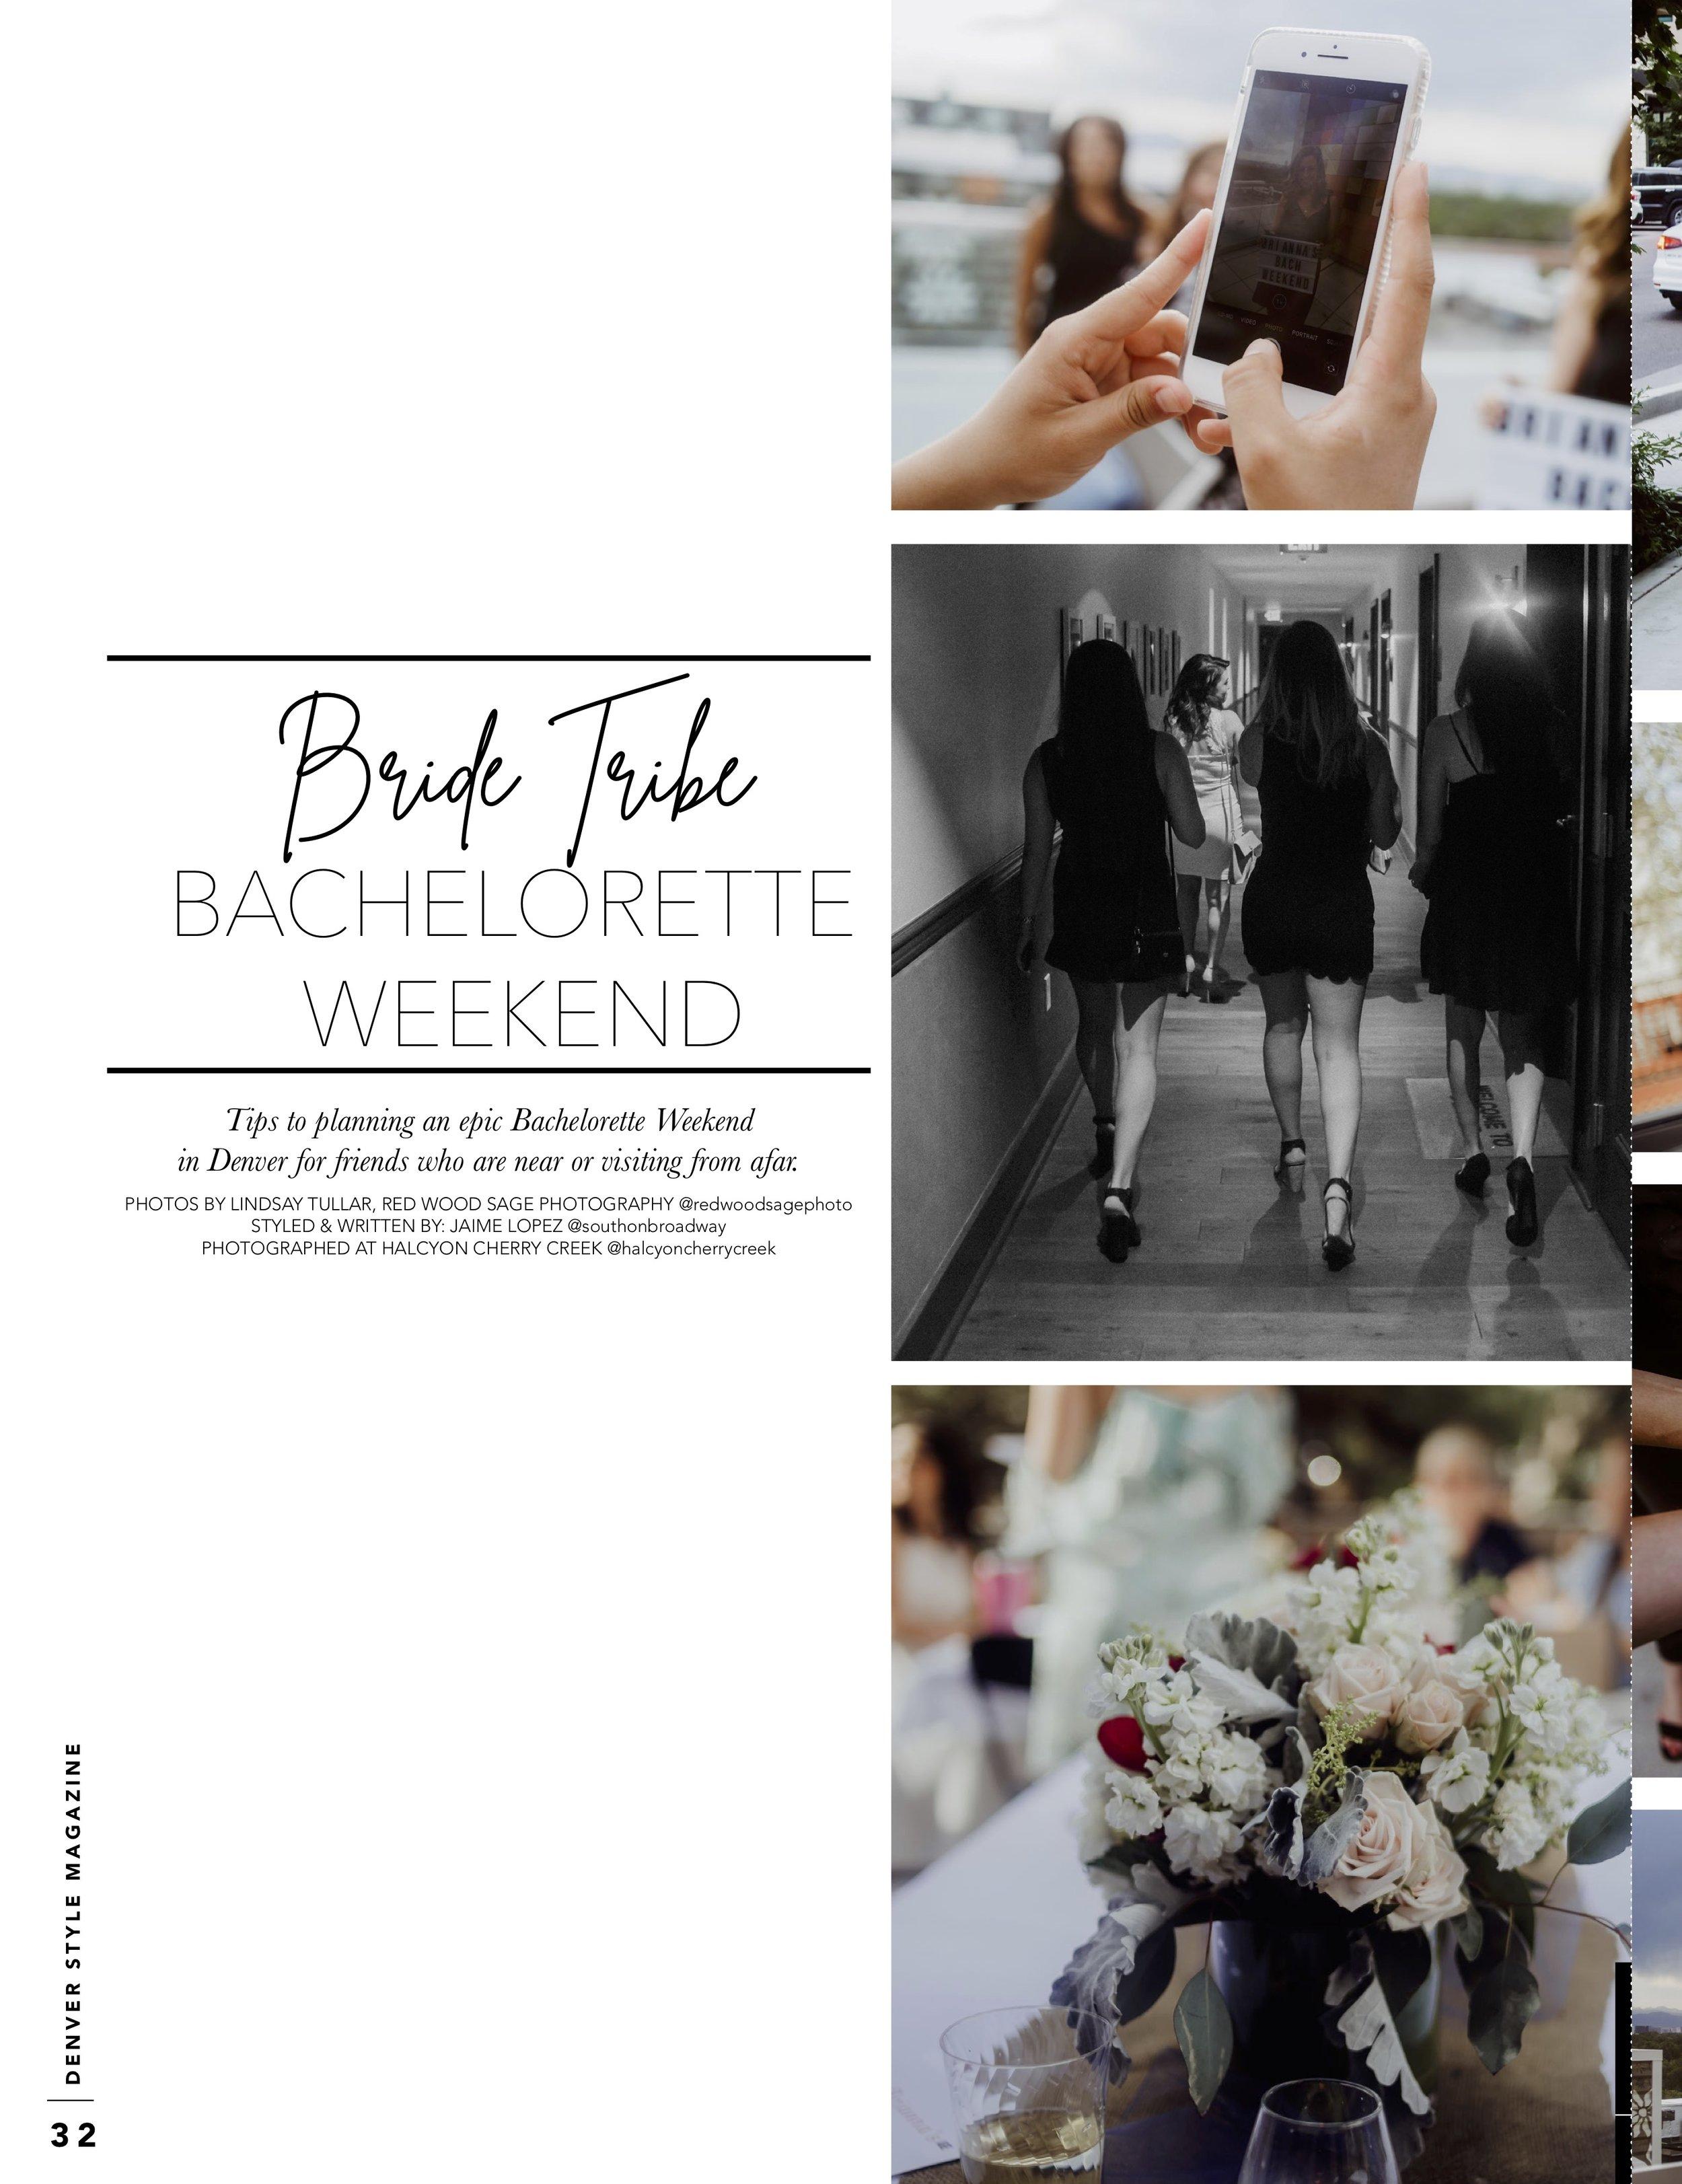 BrideTribeWeekend.jpg